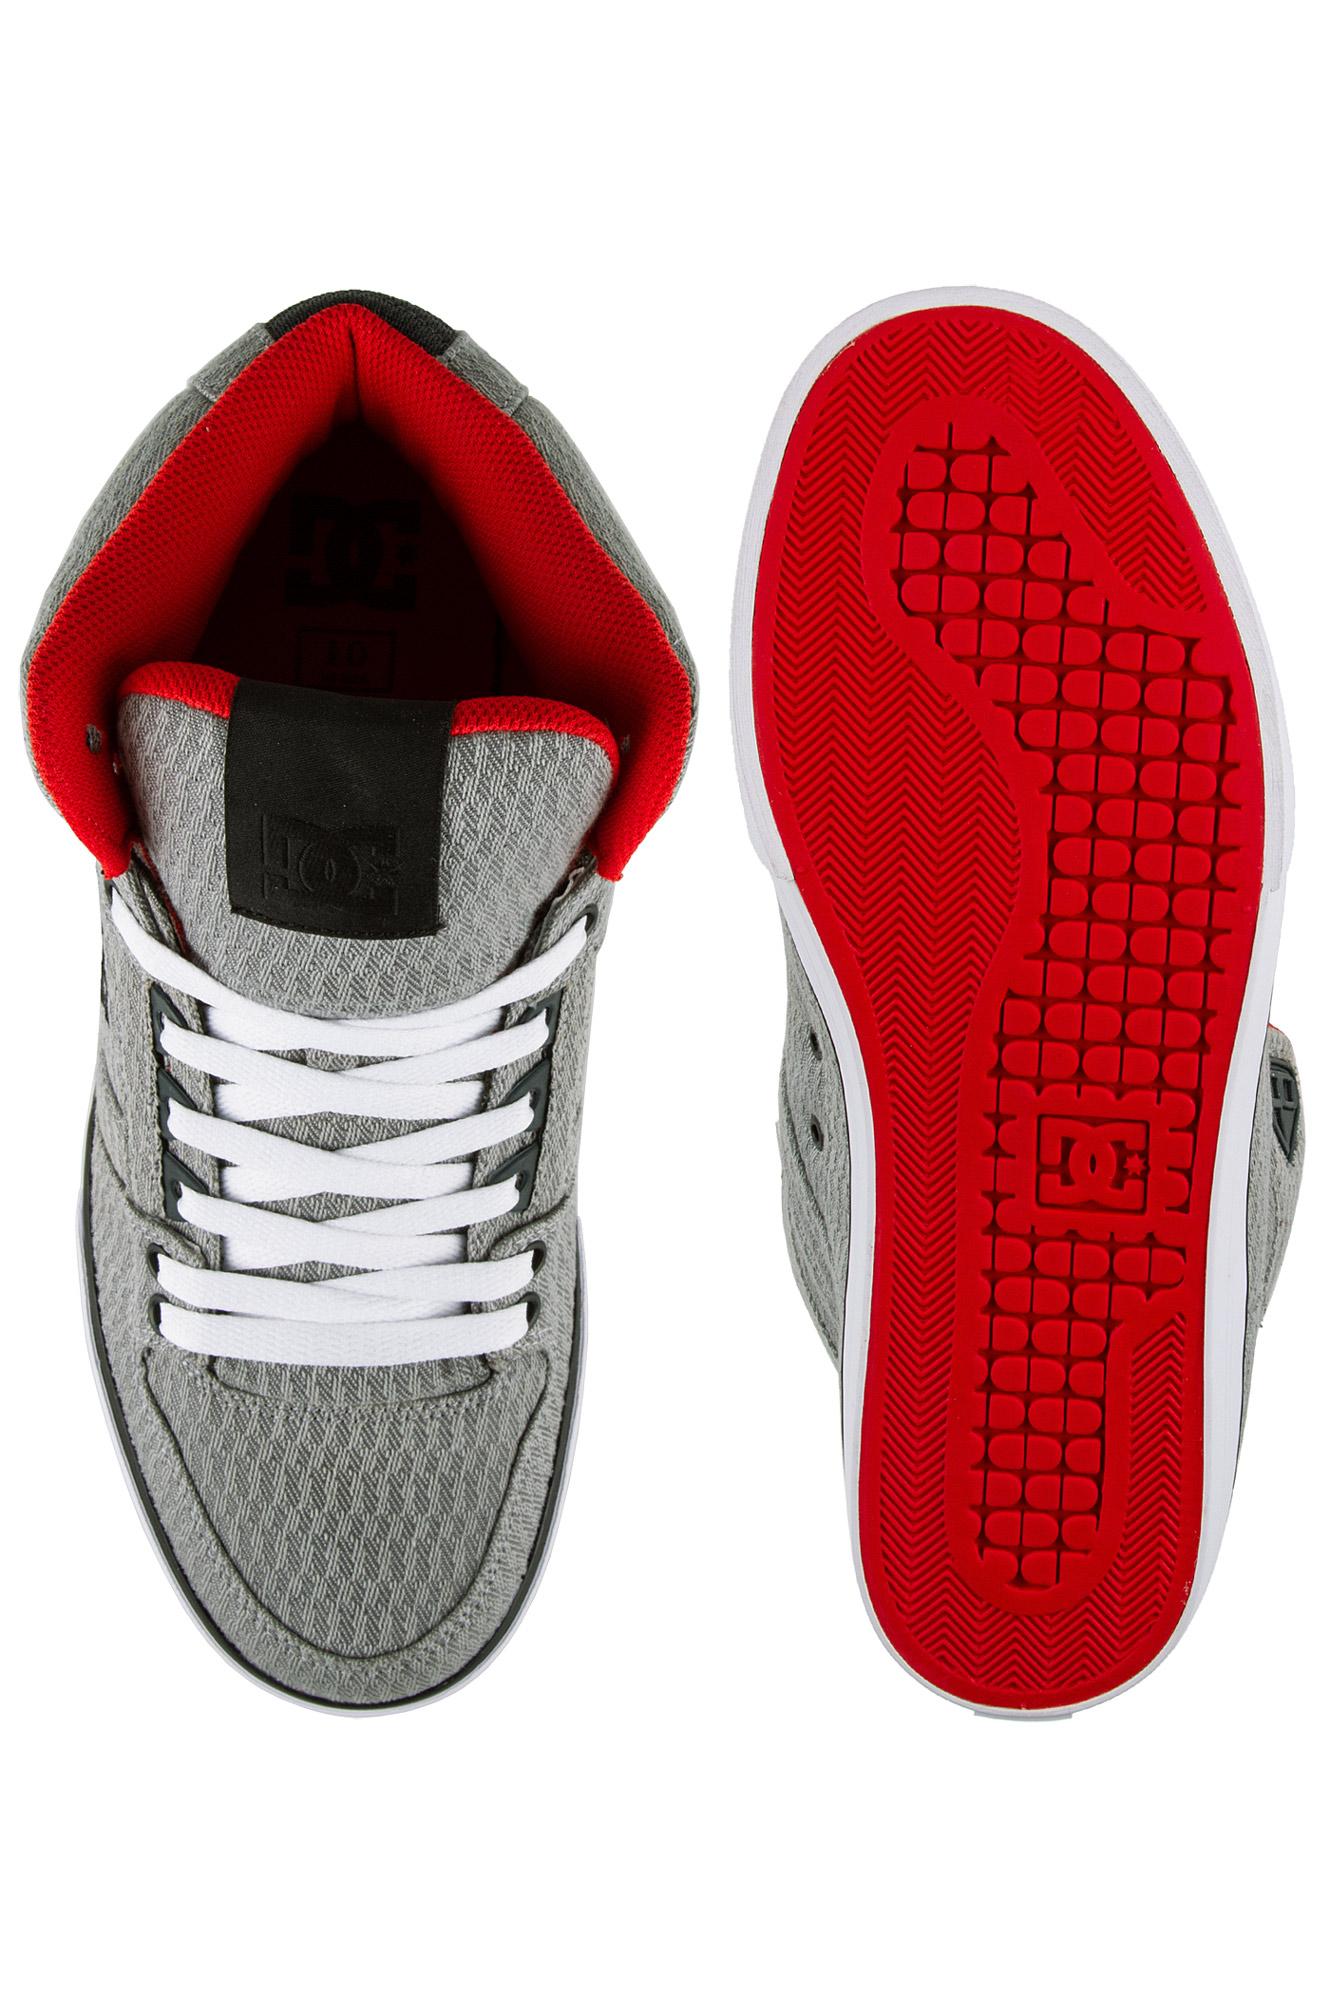 Dc Spartan Shoe Review